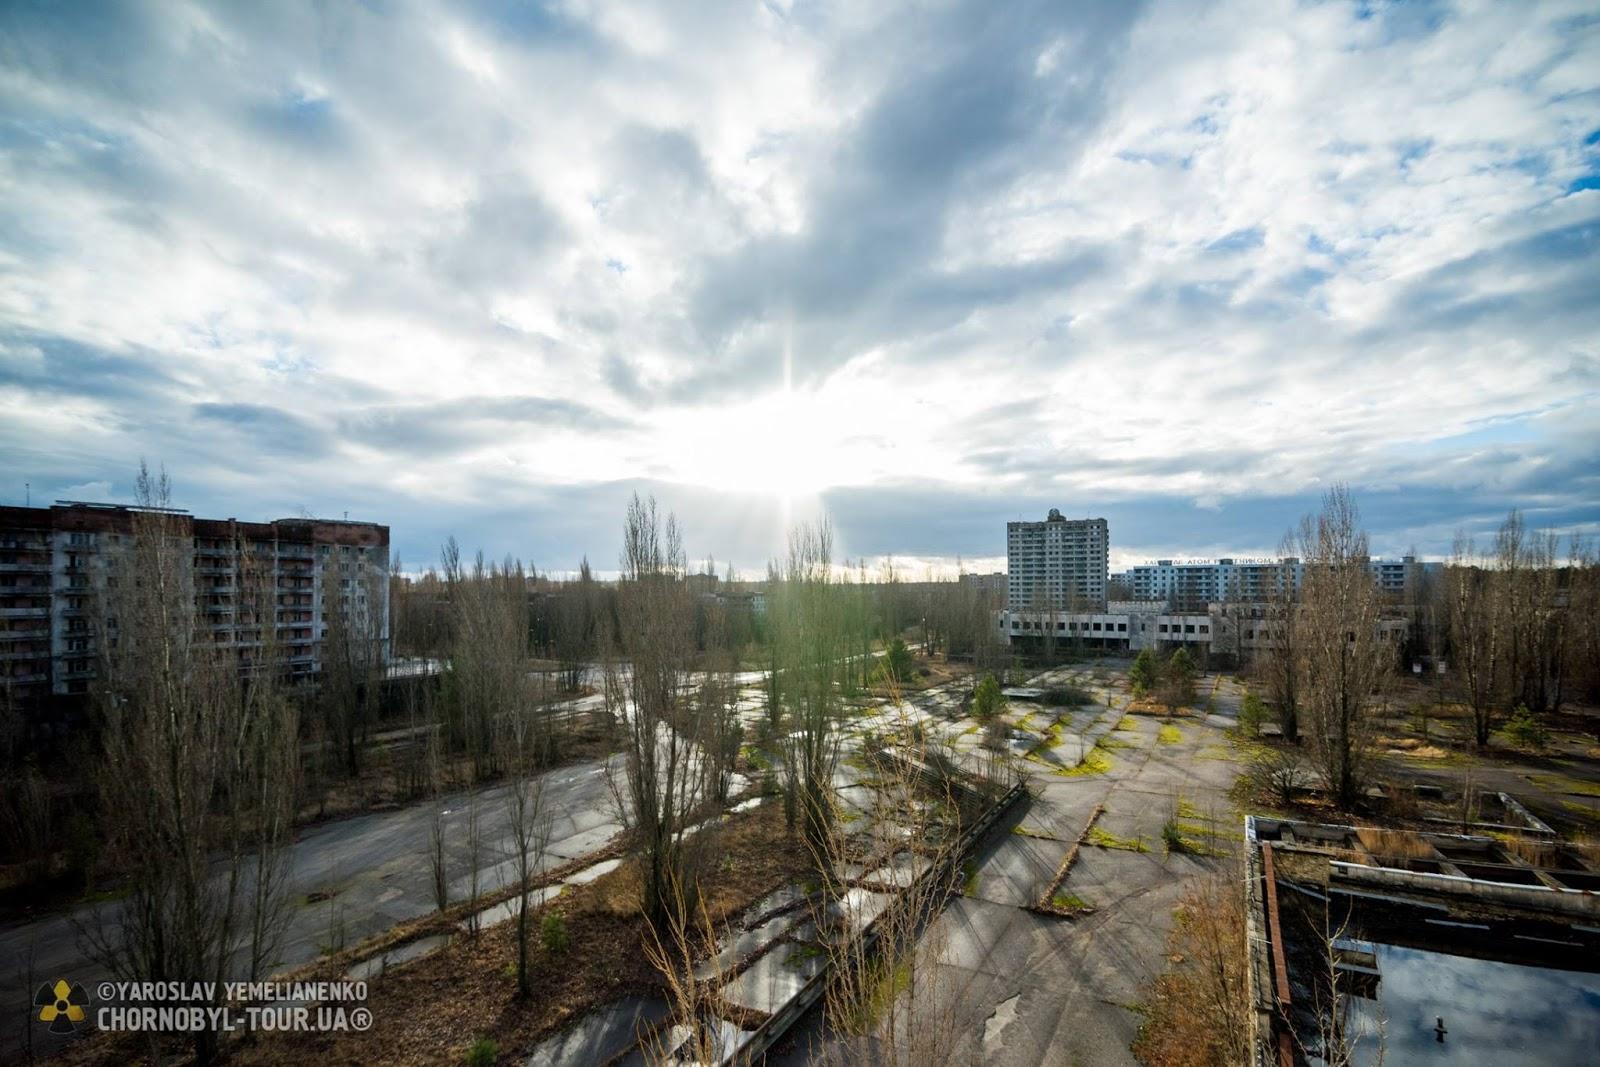 правило, фотографии города чернобыль сопереживали ей, радовались